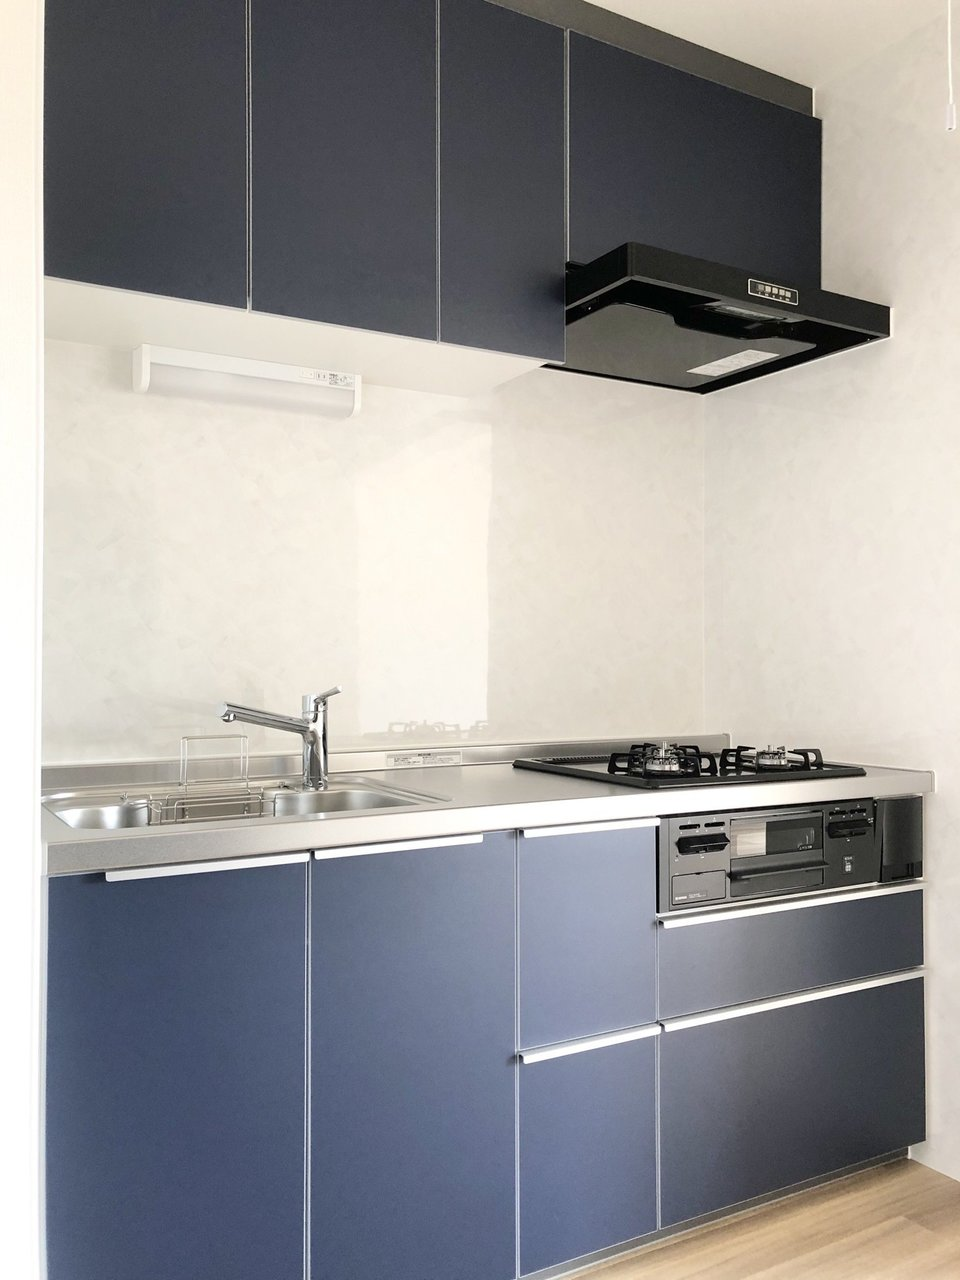 キッチンも上品なネイビーカラーのシステムキッチン。広々としていて収納スペースも豊富。料理が捗りそうです。背面もゆったりとしたスペースが確保されています。